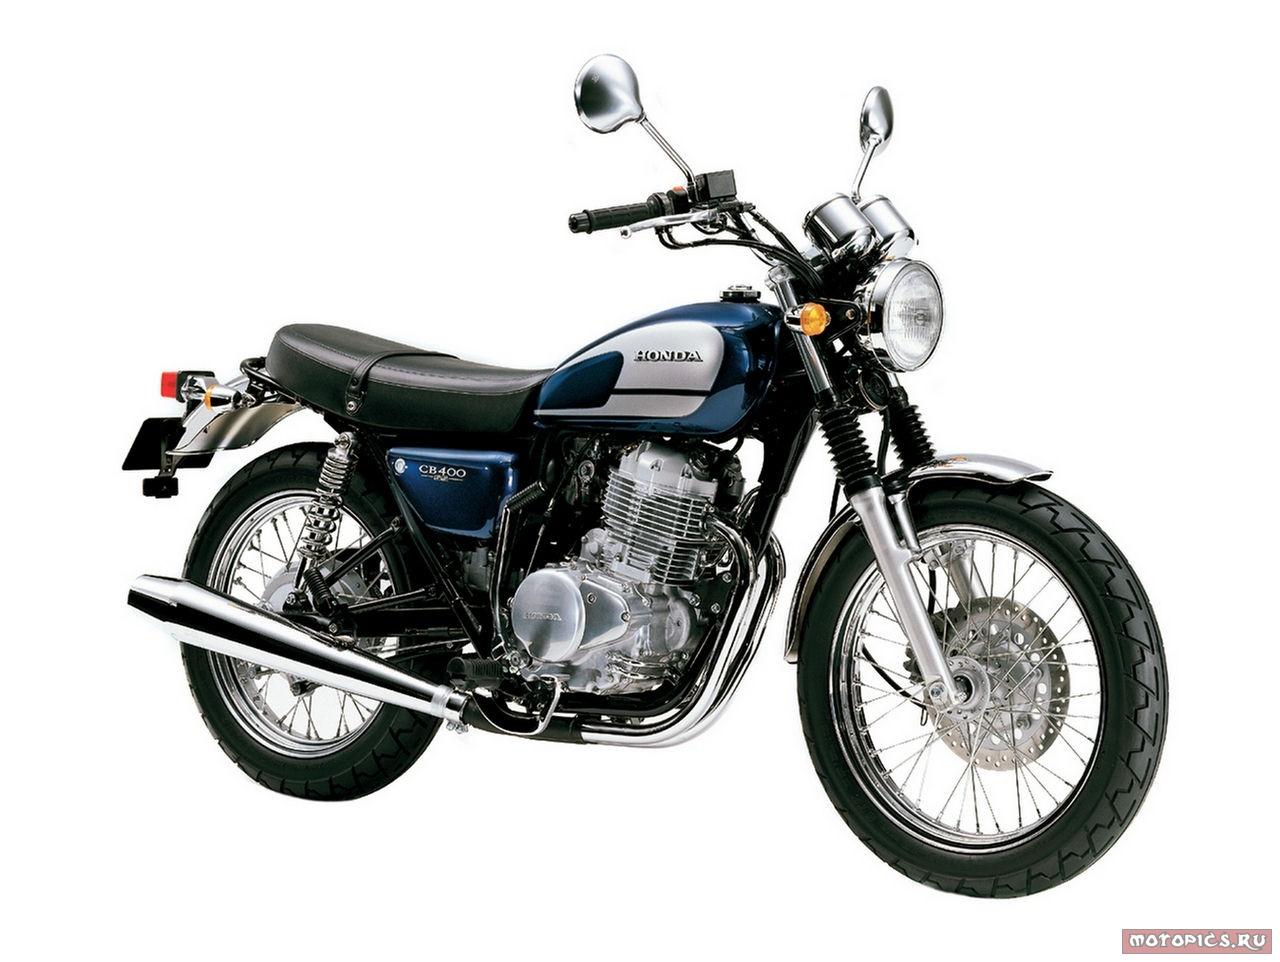 Mesin Suzuki Thunder